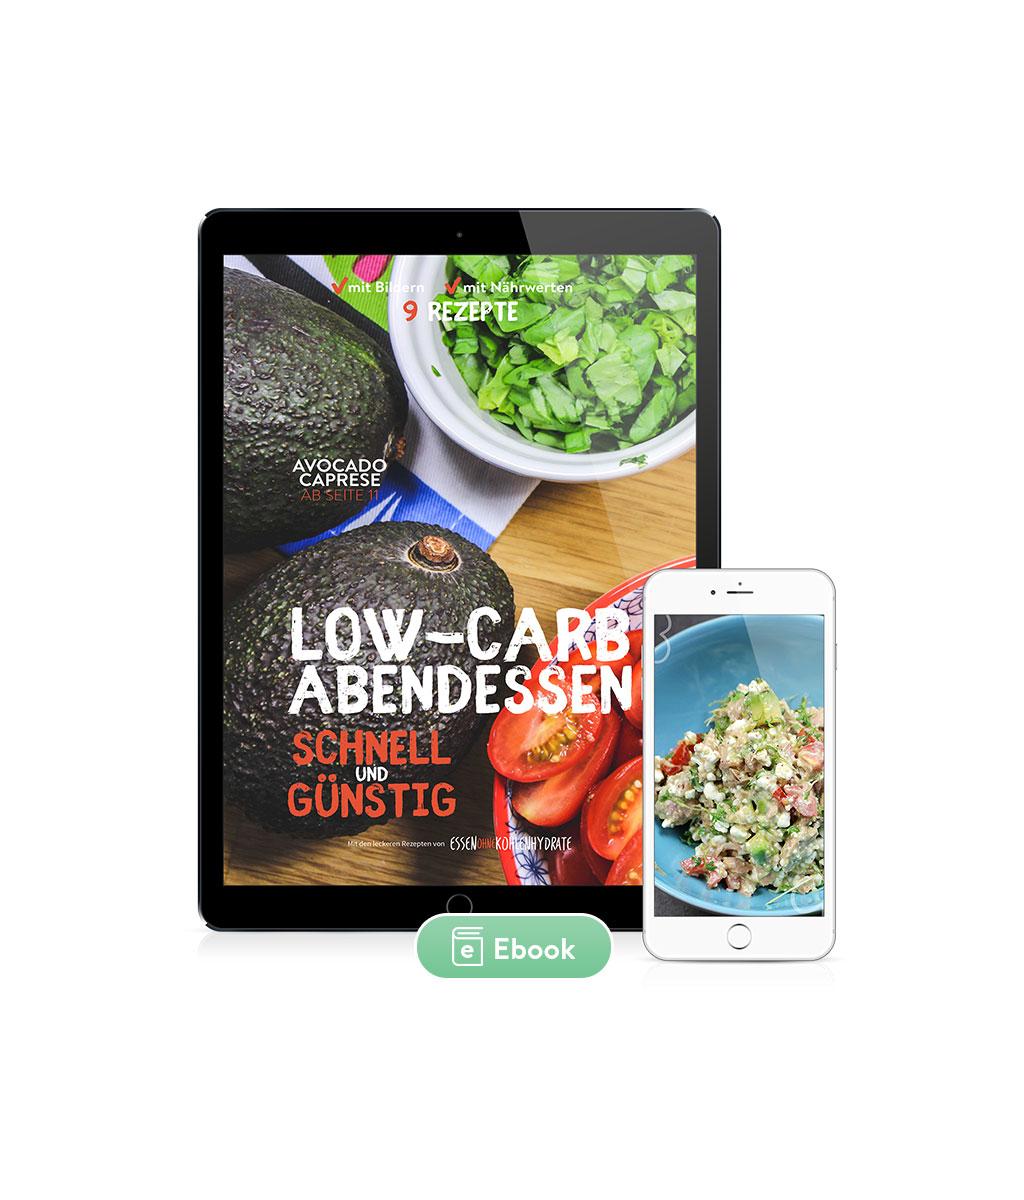 Low Carb Rezepte Ebook